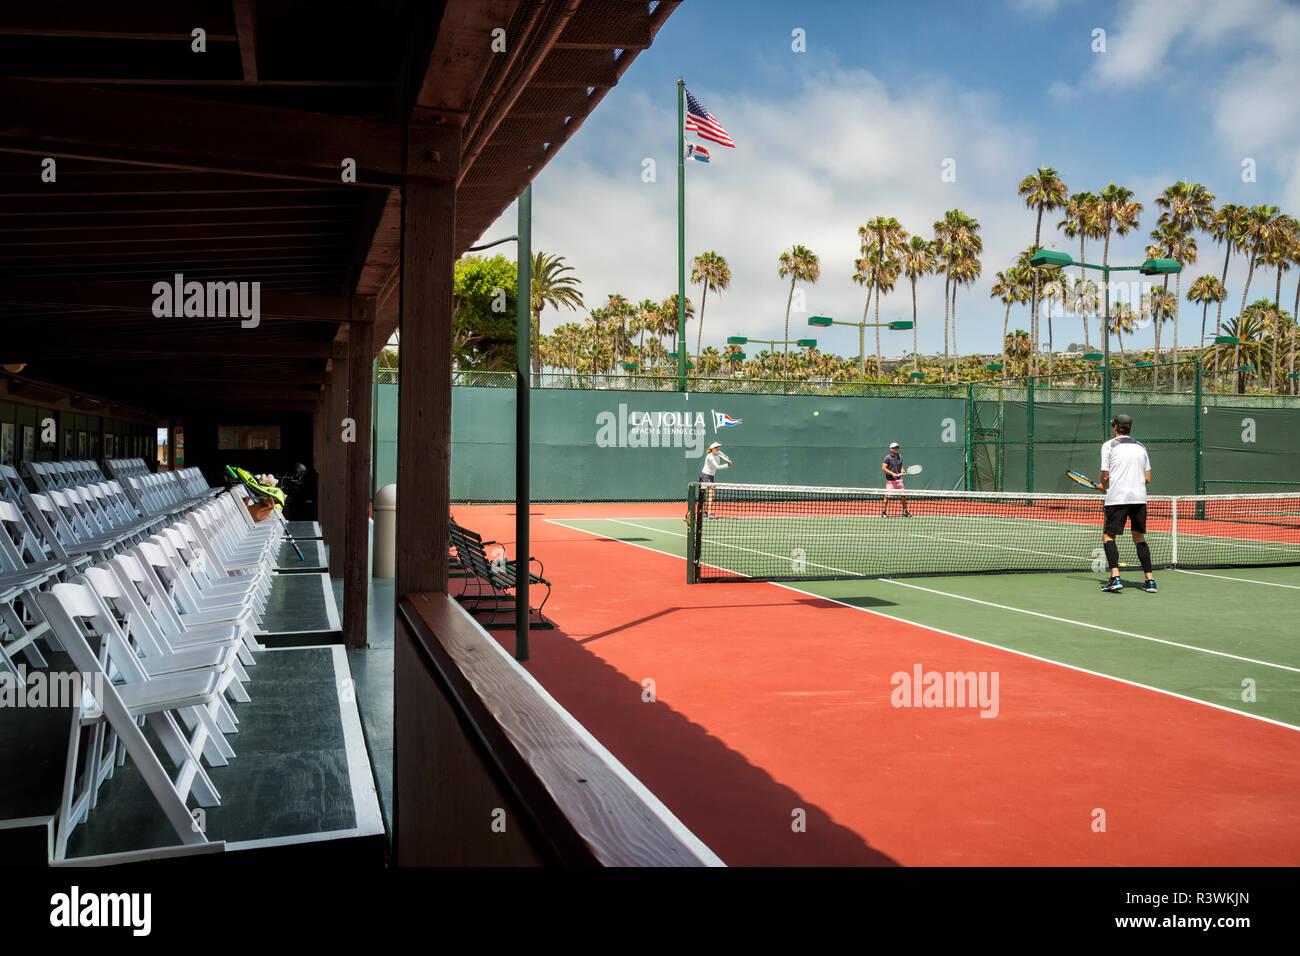 Usa California La Jolla Court 1 At The La Jolla Beach And Tennis